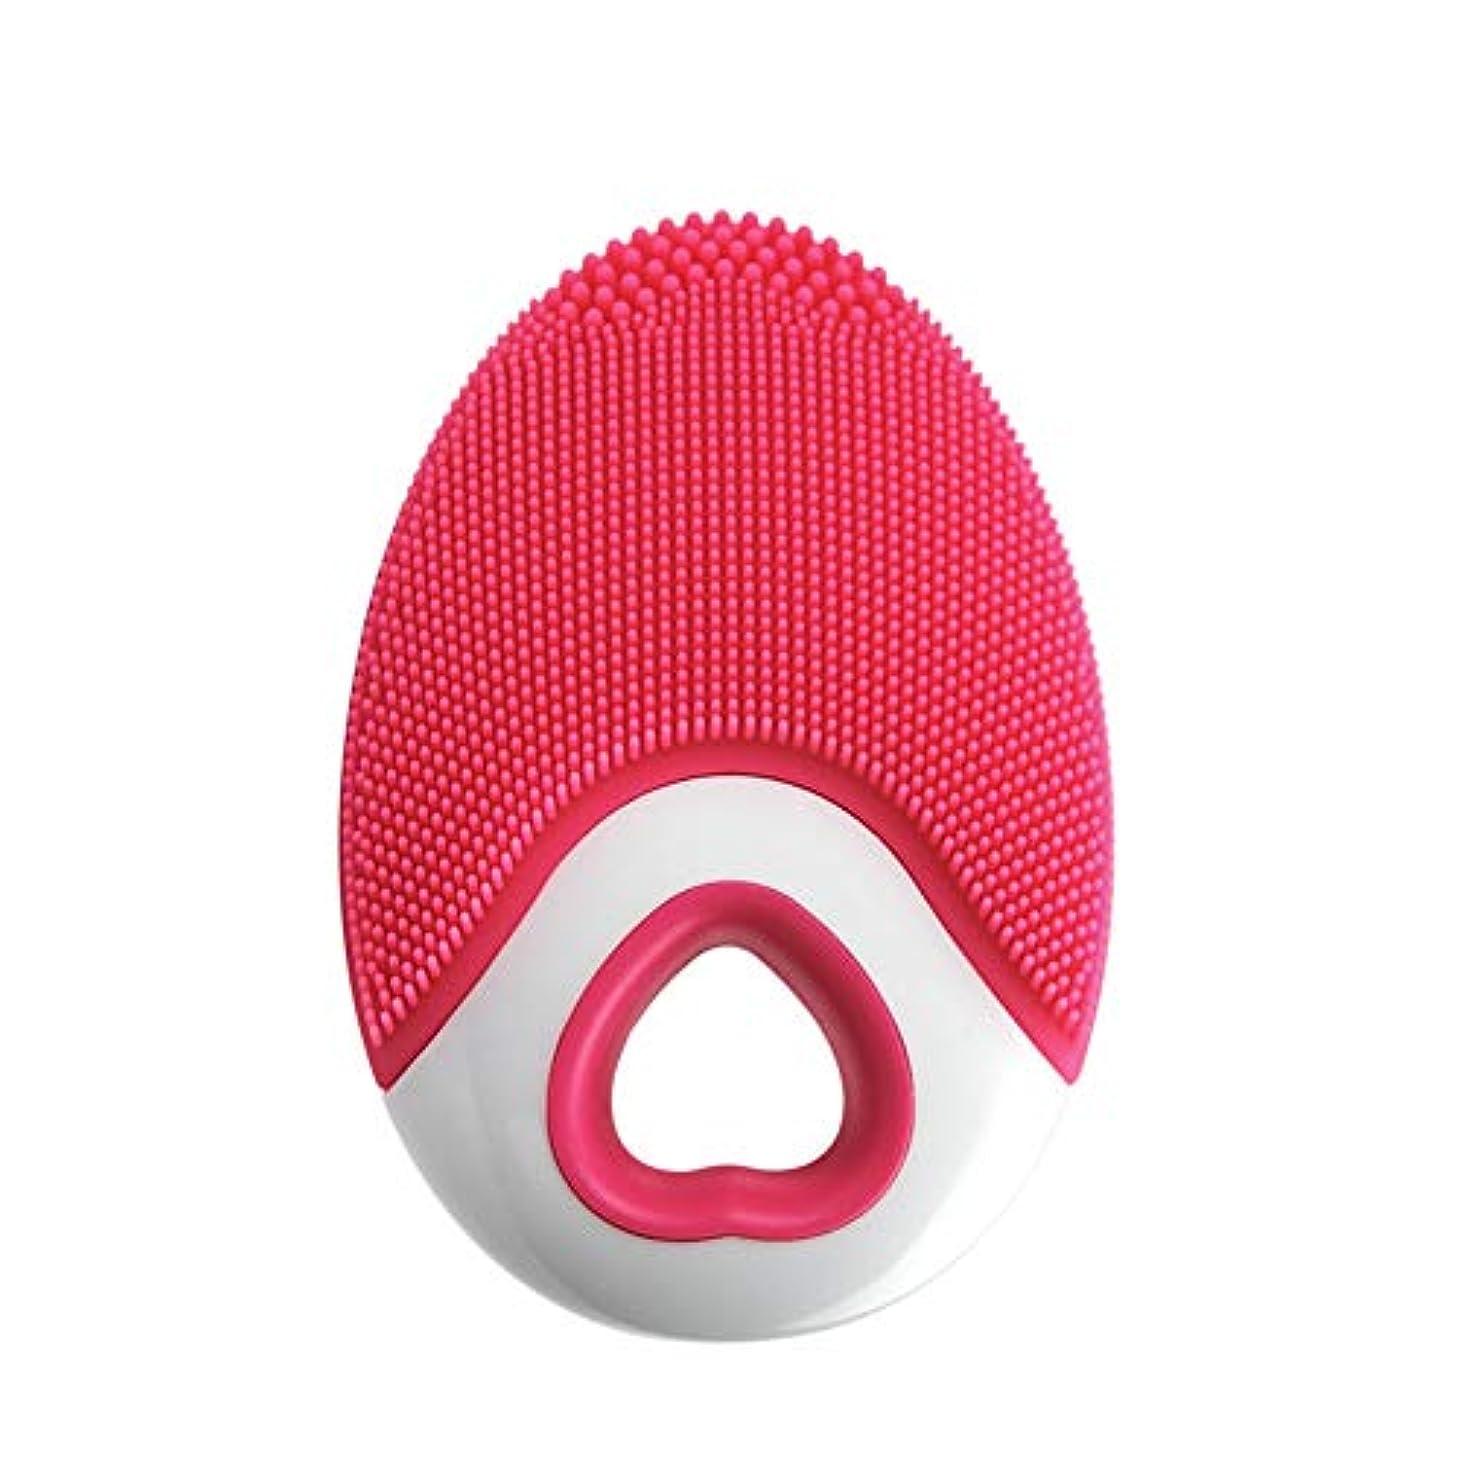 アクティブ経験大佐Aylincool   1ピースシリコンフェイスクレンザーブラシ超音波ディープクリーニング防水ワイヤレス充電